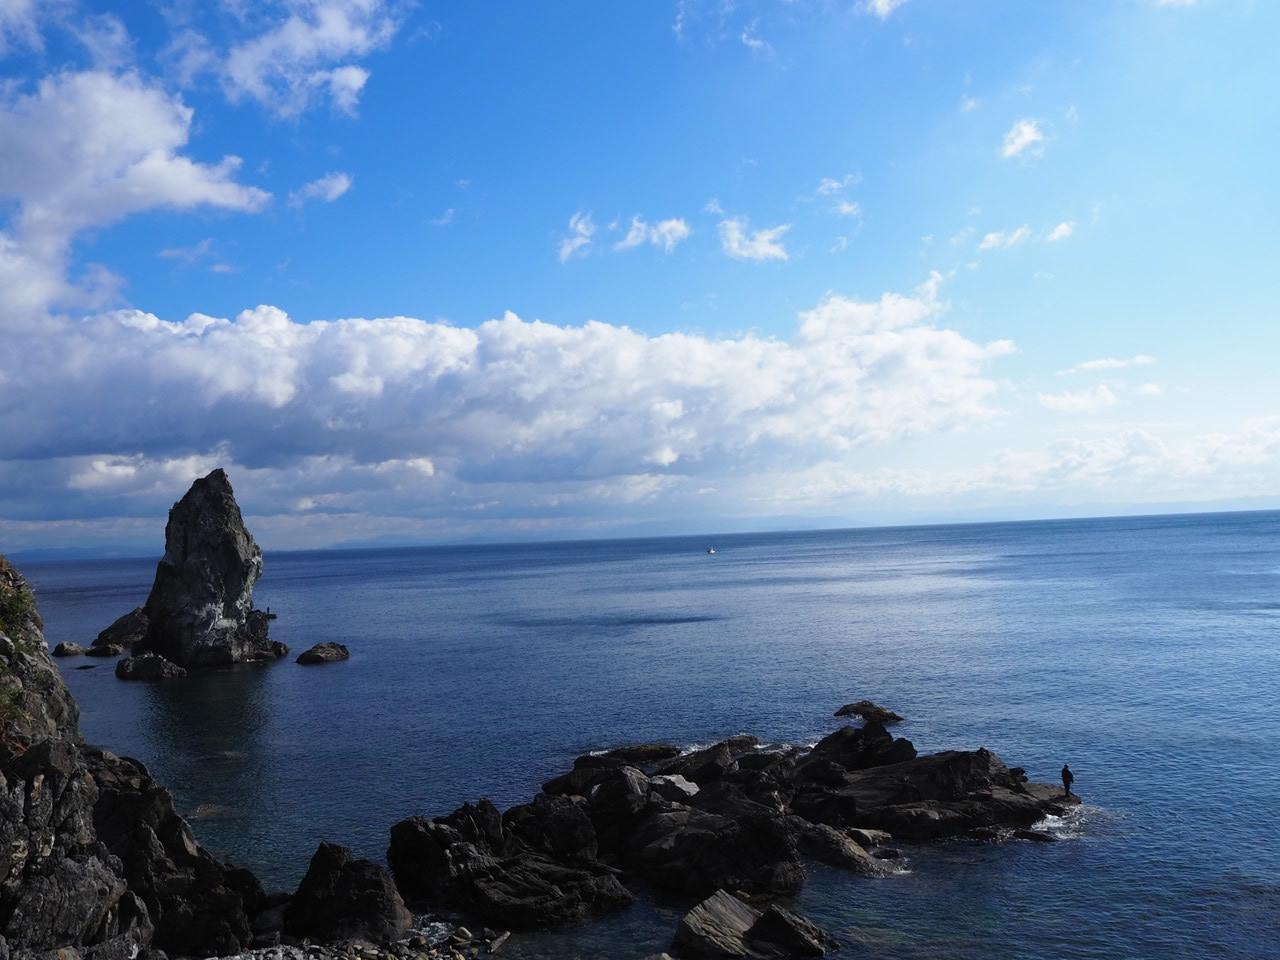 沼島にやってきたでいでいガール_f0370091_21084519.jpg